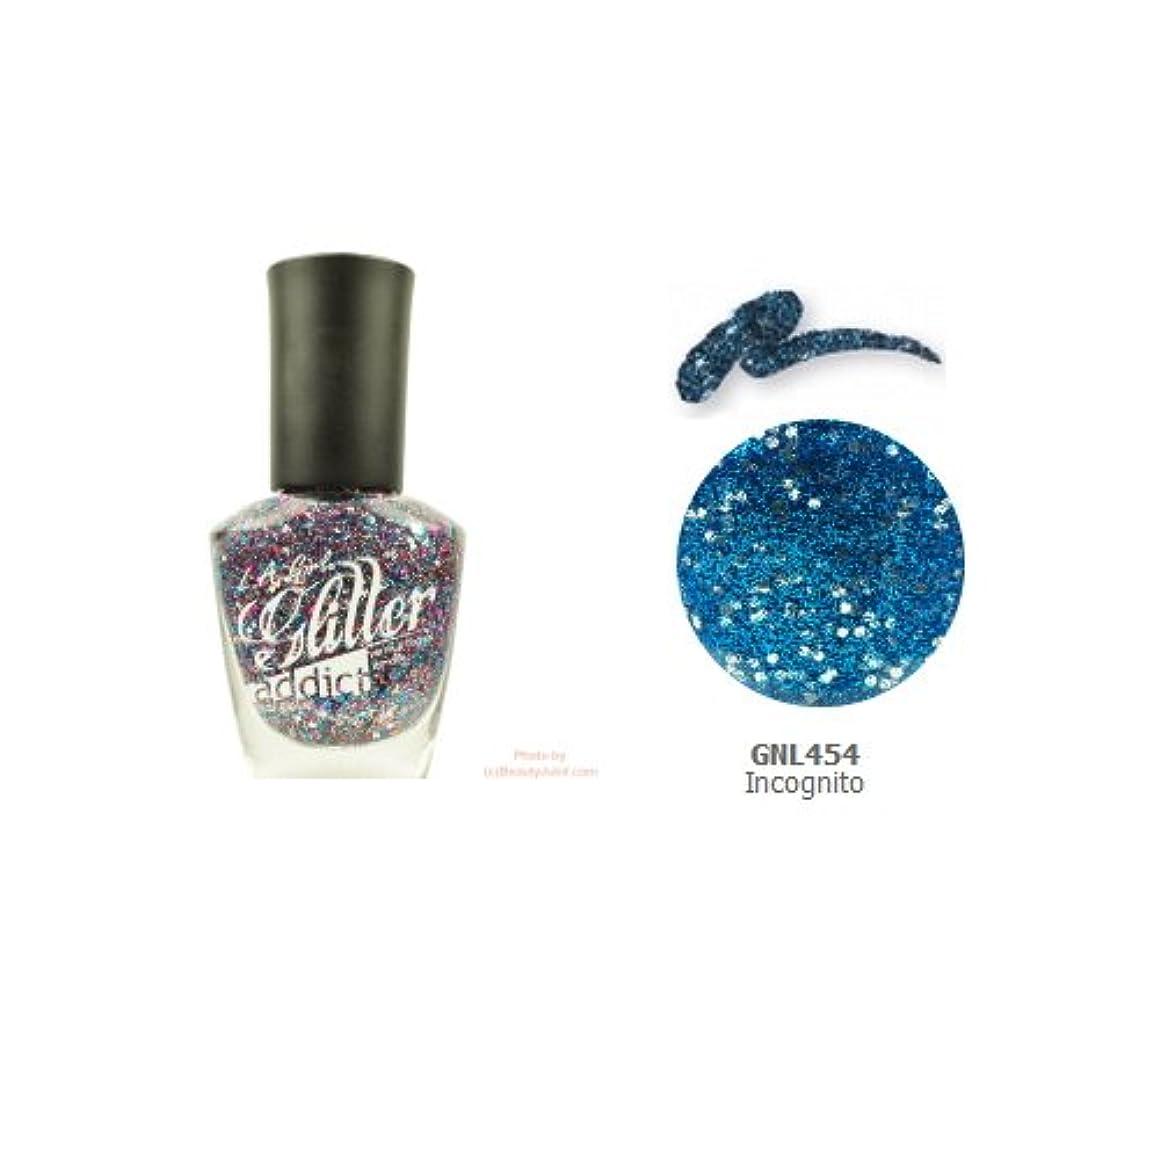 改革トランペット後継(3 Pack) LA GIRL Glitter Addict Polish - Incognito (並行輸入品)